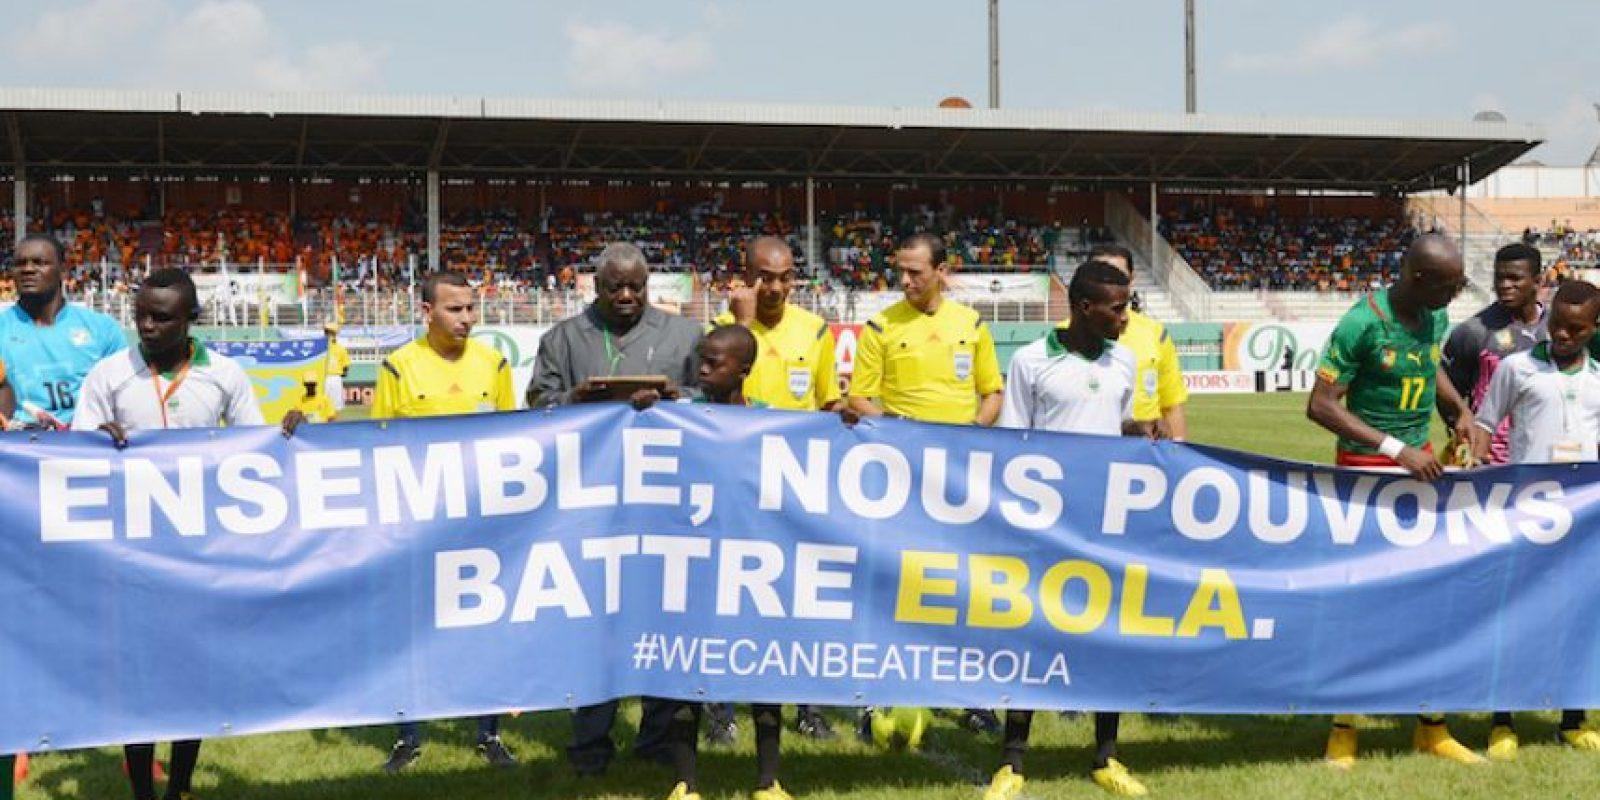 El encuentro comenzó con un mensaje en favor de la lucha contra el Ébola. Foto:AFP